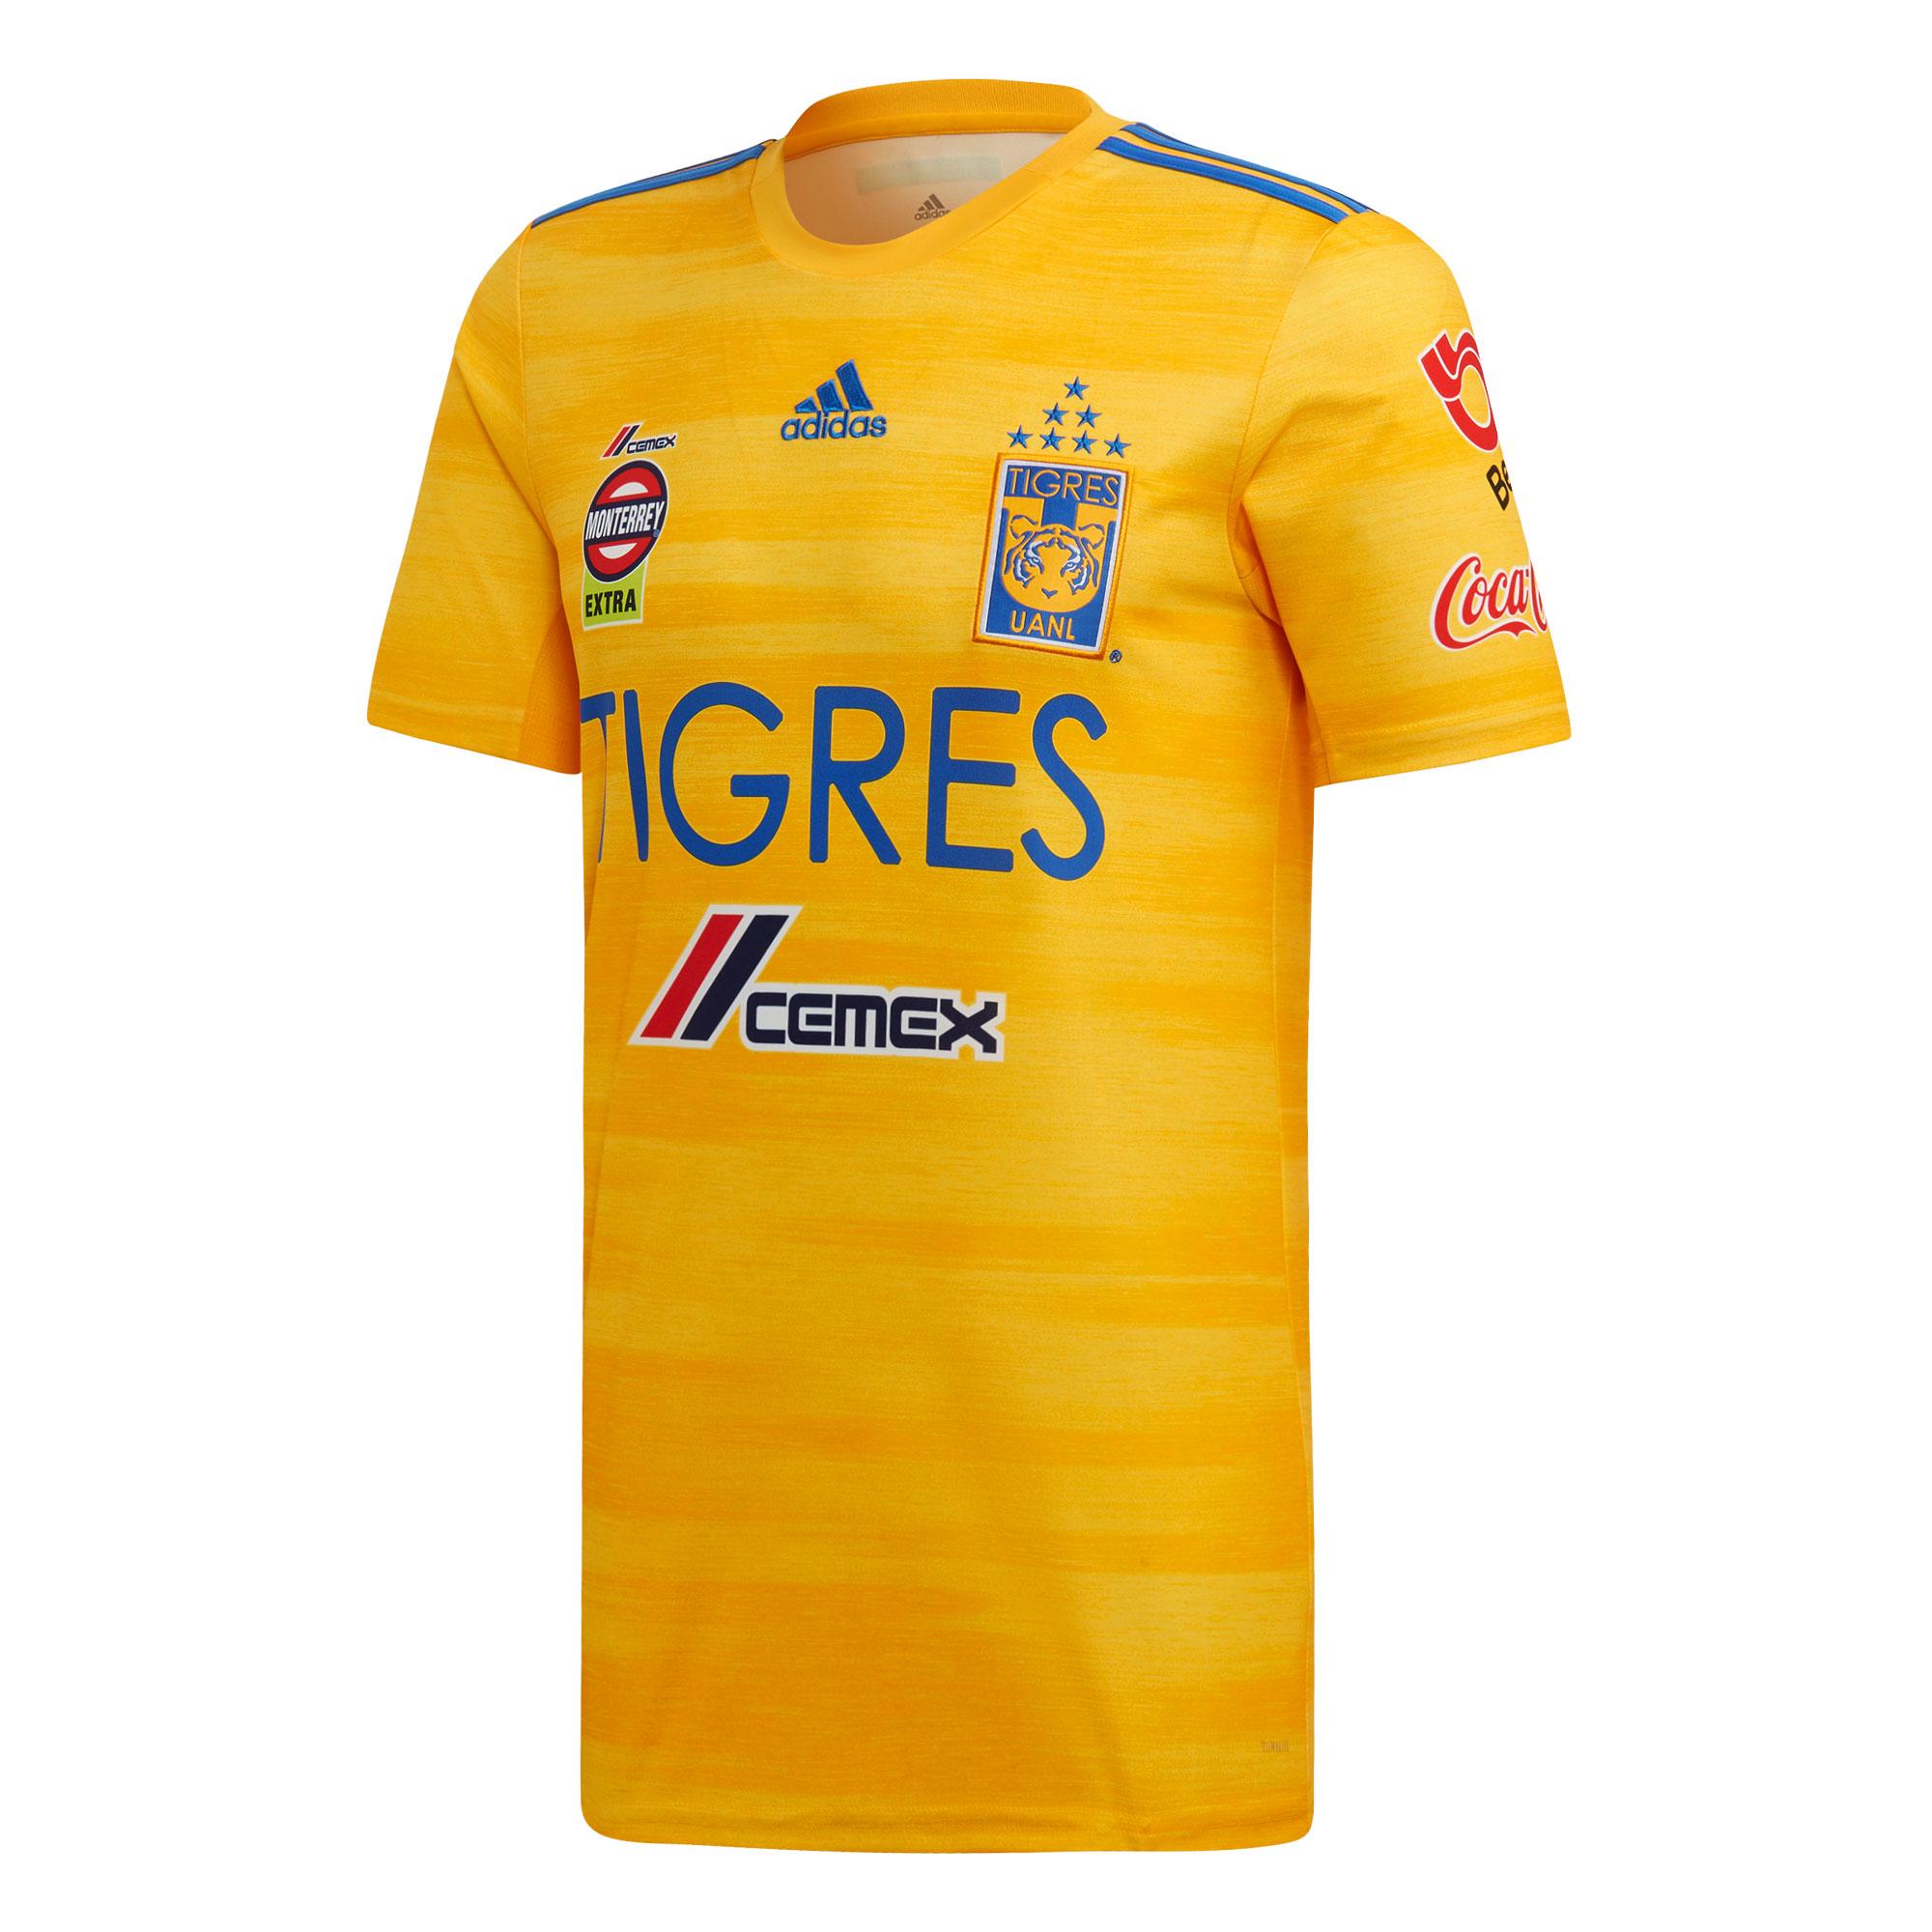 Tigres UANL Home Shirt 2019-20